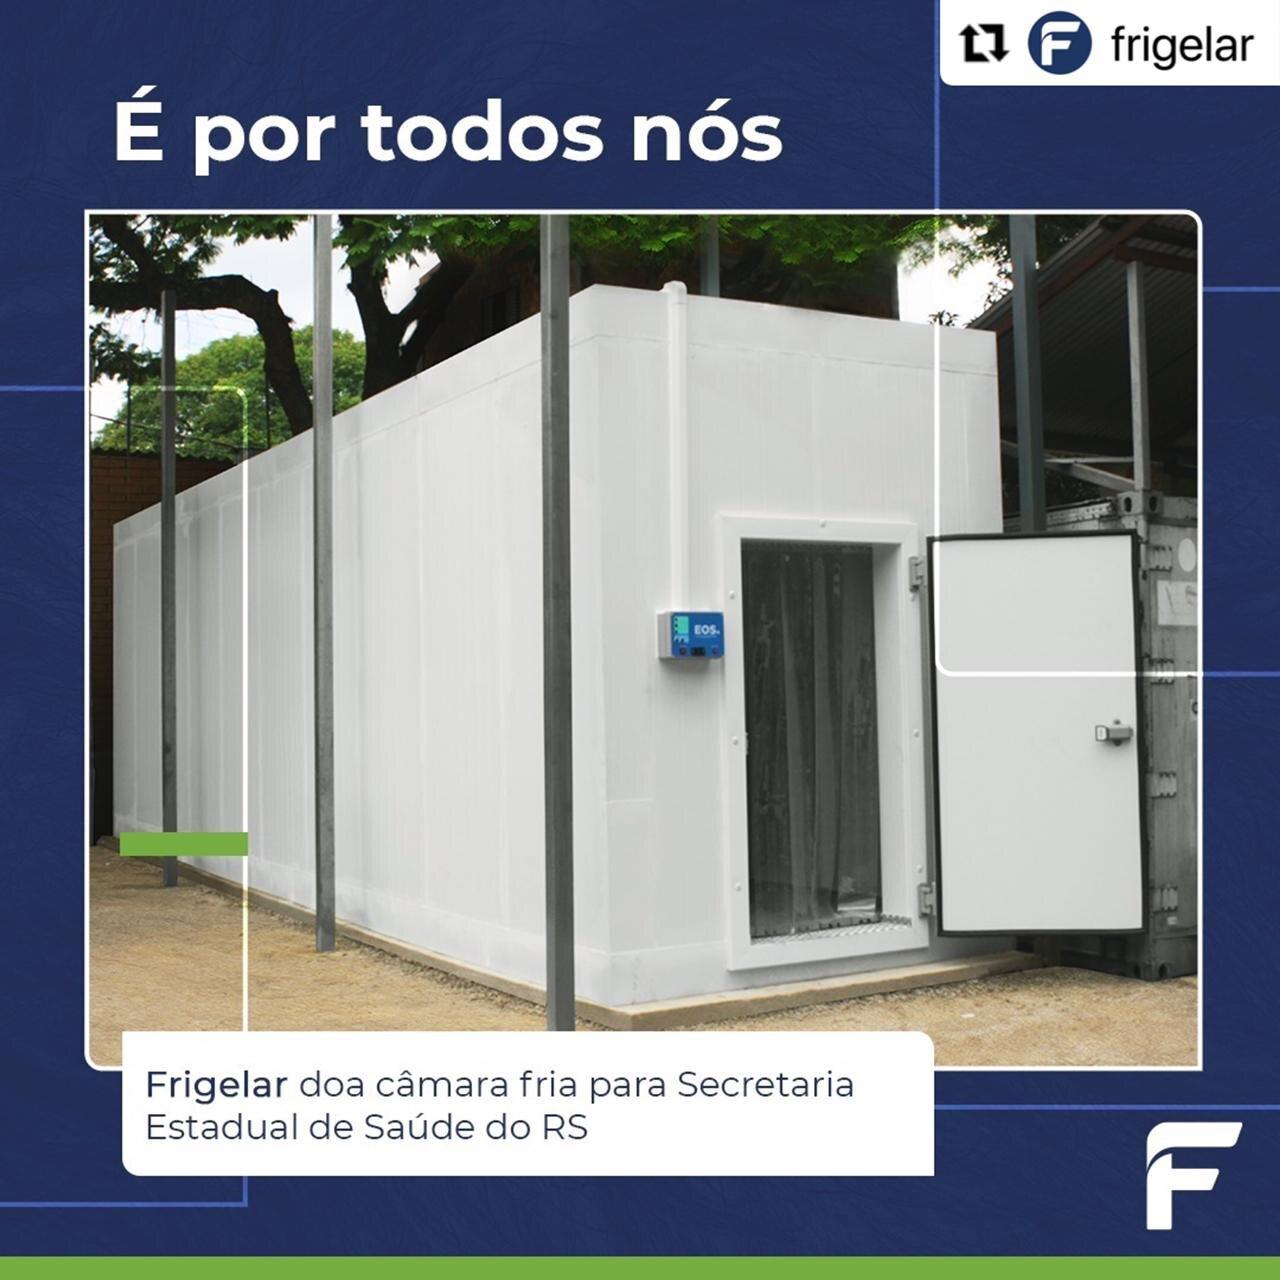 fRIGELAR